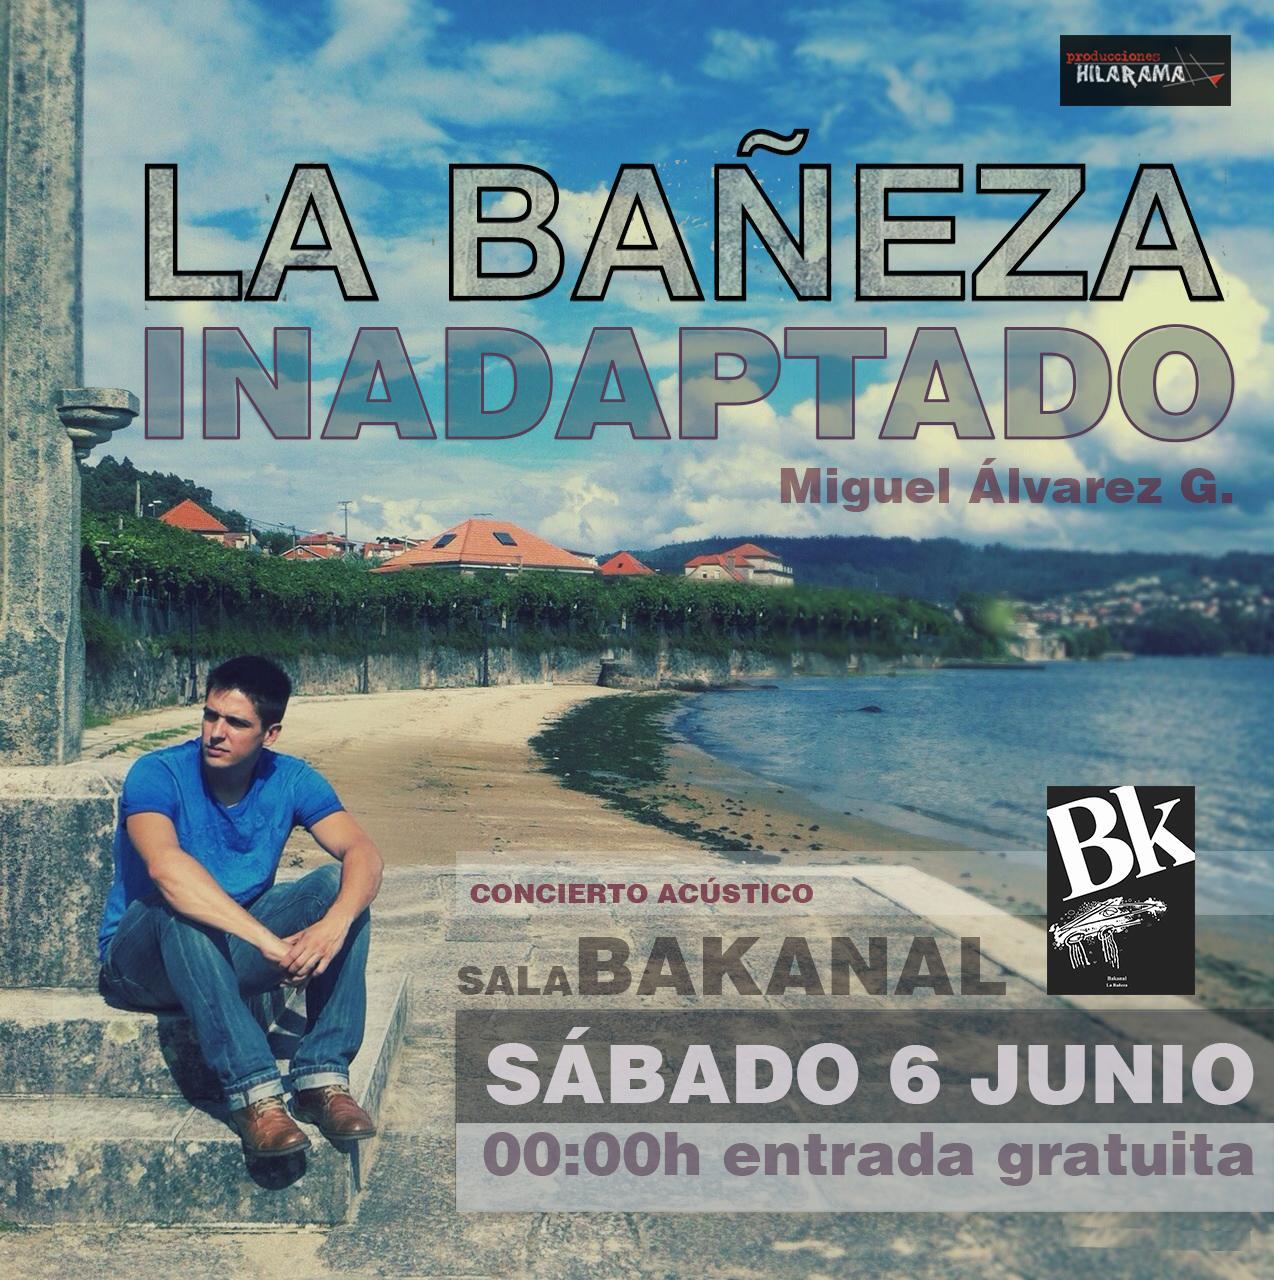 concierto #inadaptado Miguel Álvarez G  Pub Bakanal @labaneza  #leonesp  0:00h entrada gratuita.Después dla champions http://t.co/q3M6CfrIFm